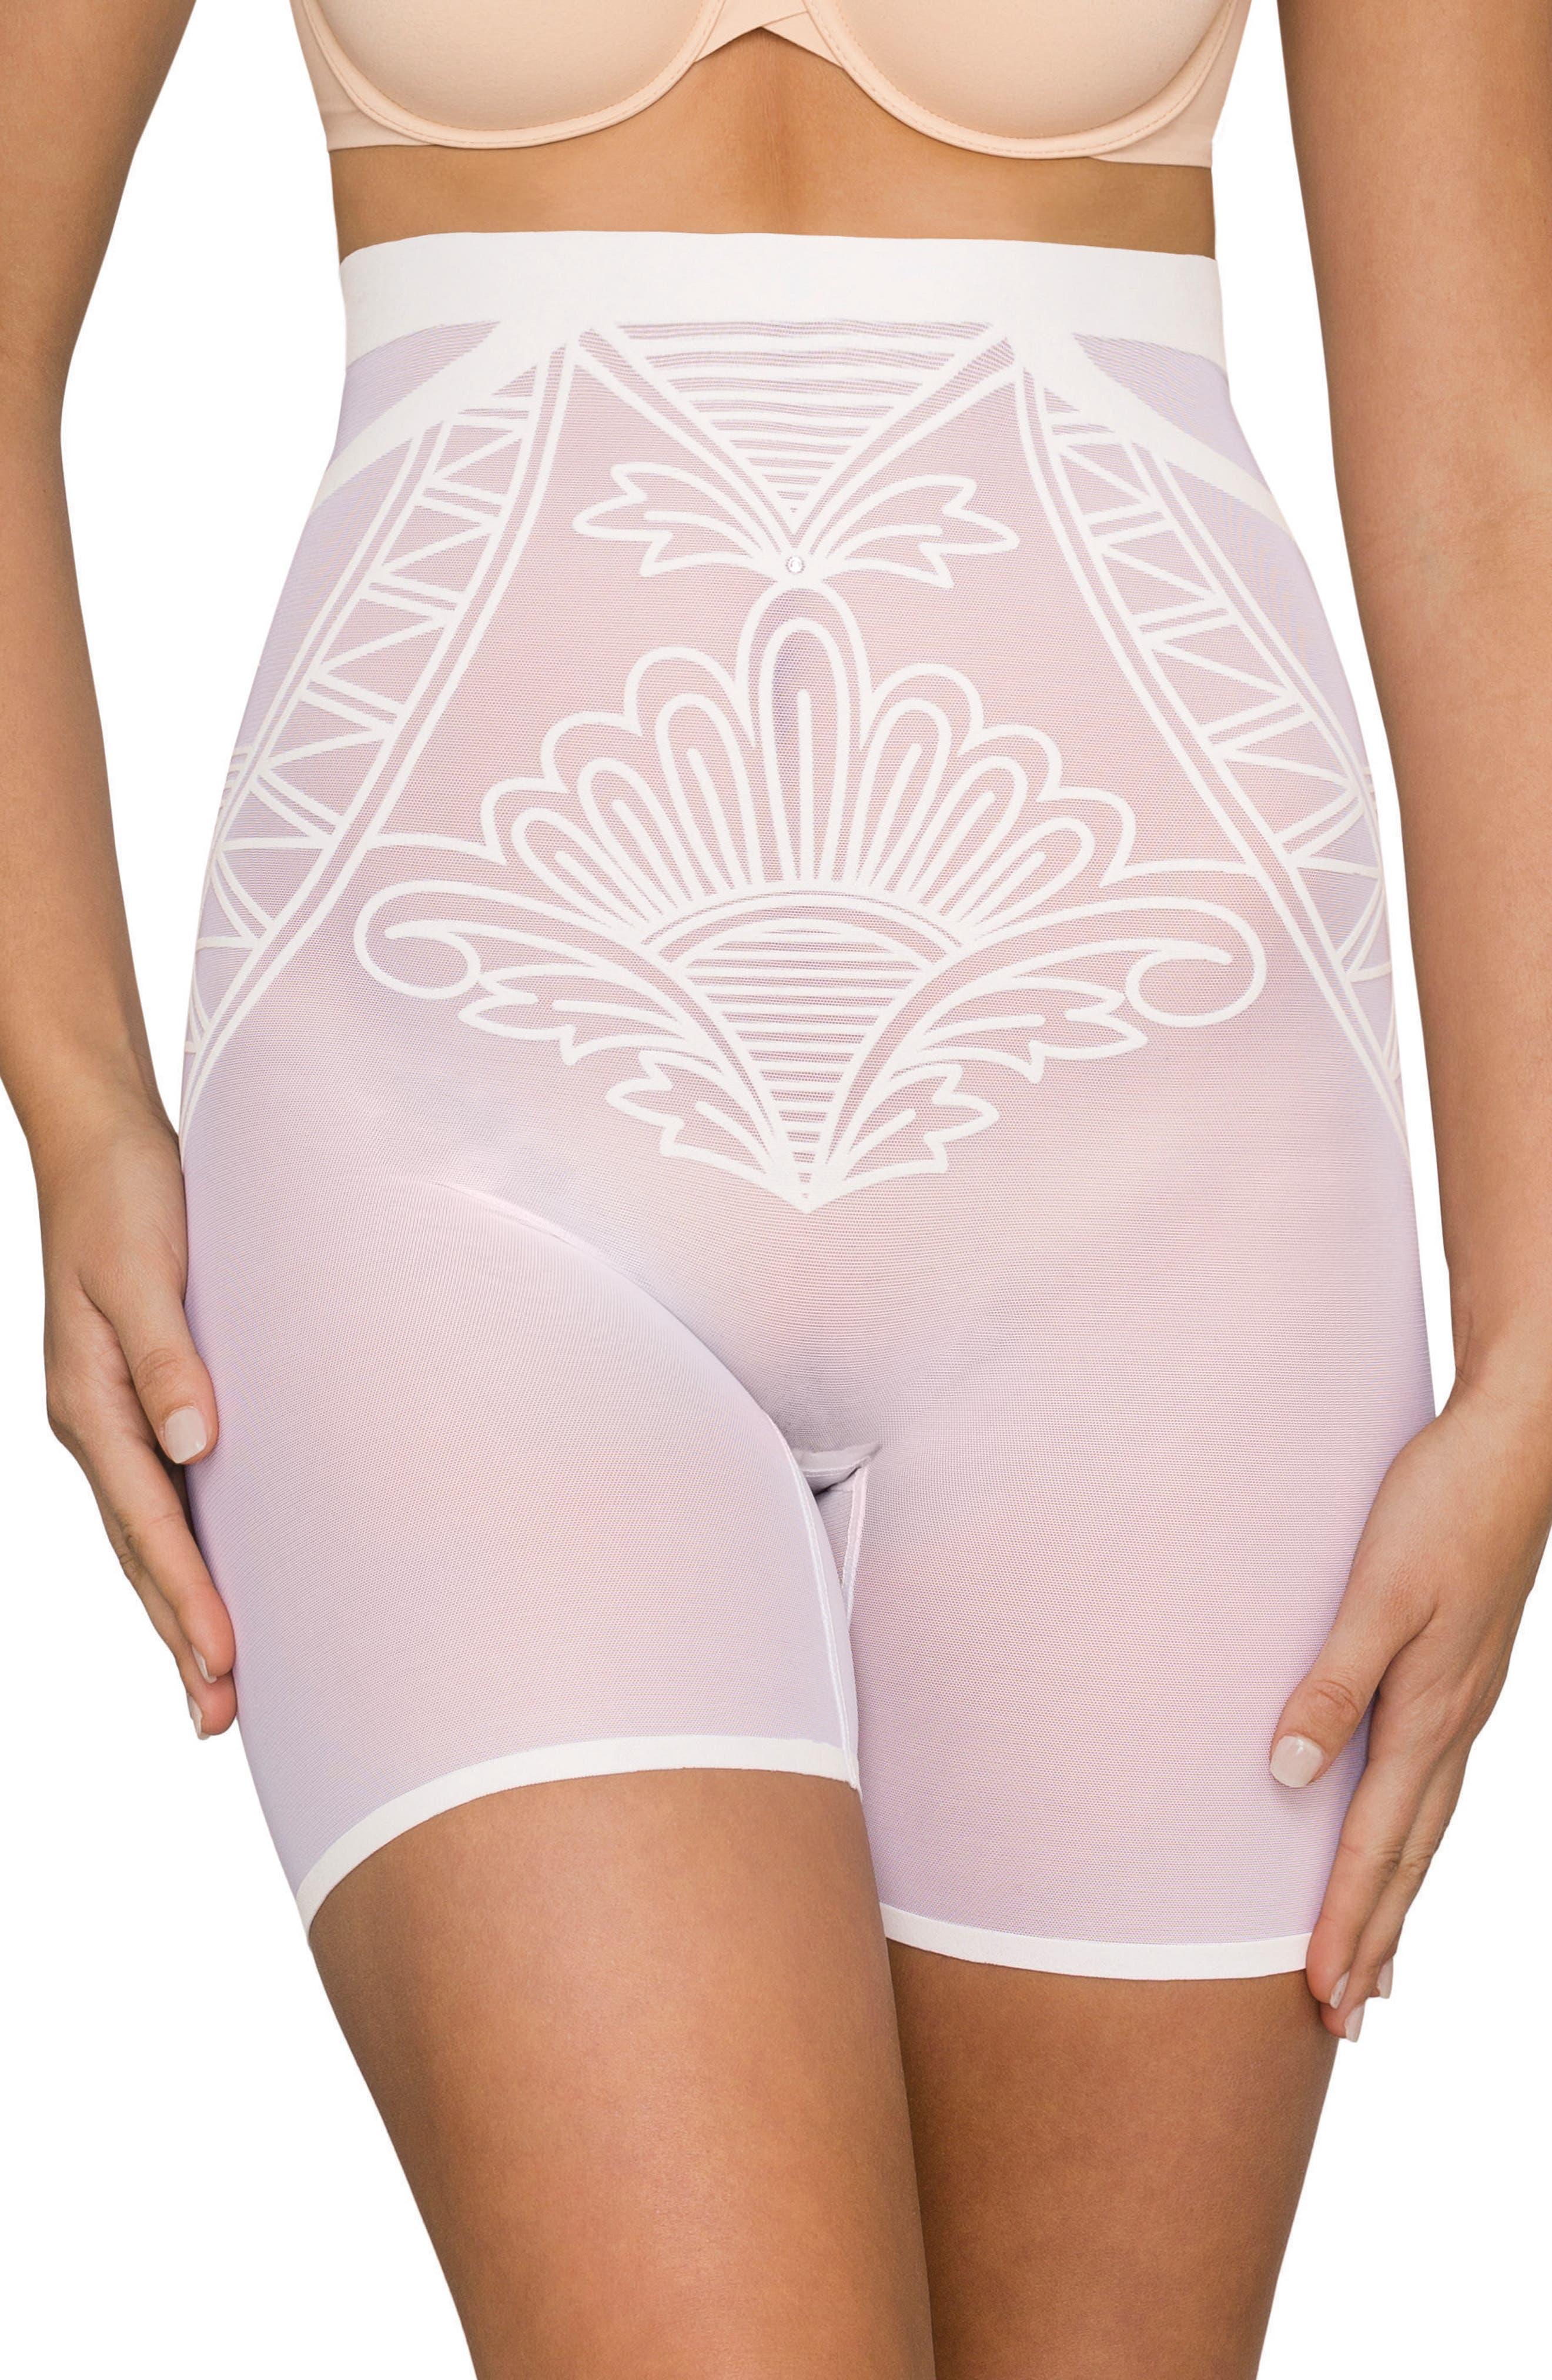 Enchanté High Waist Shaper Shorts,                         Main,                         color, Frost